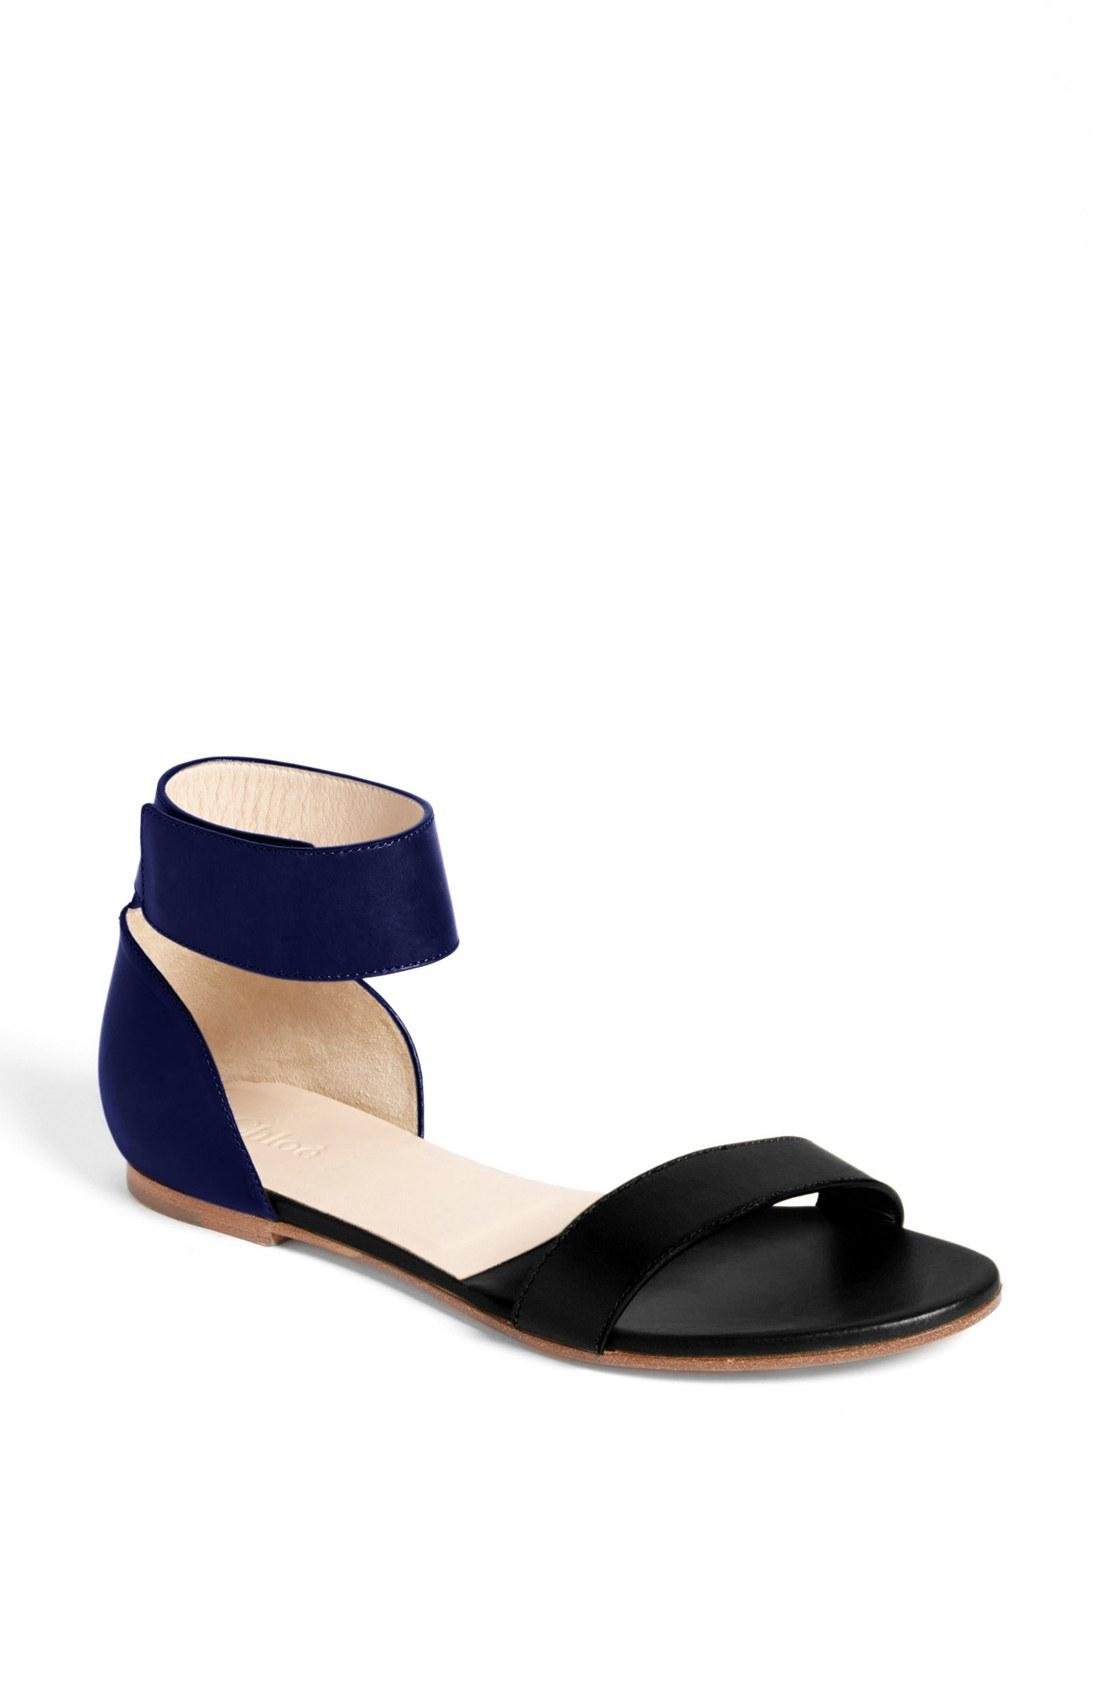 Navy Blue Flat Shoe Ankle Tie